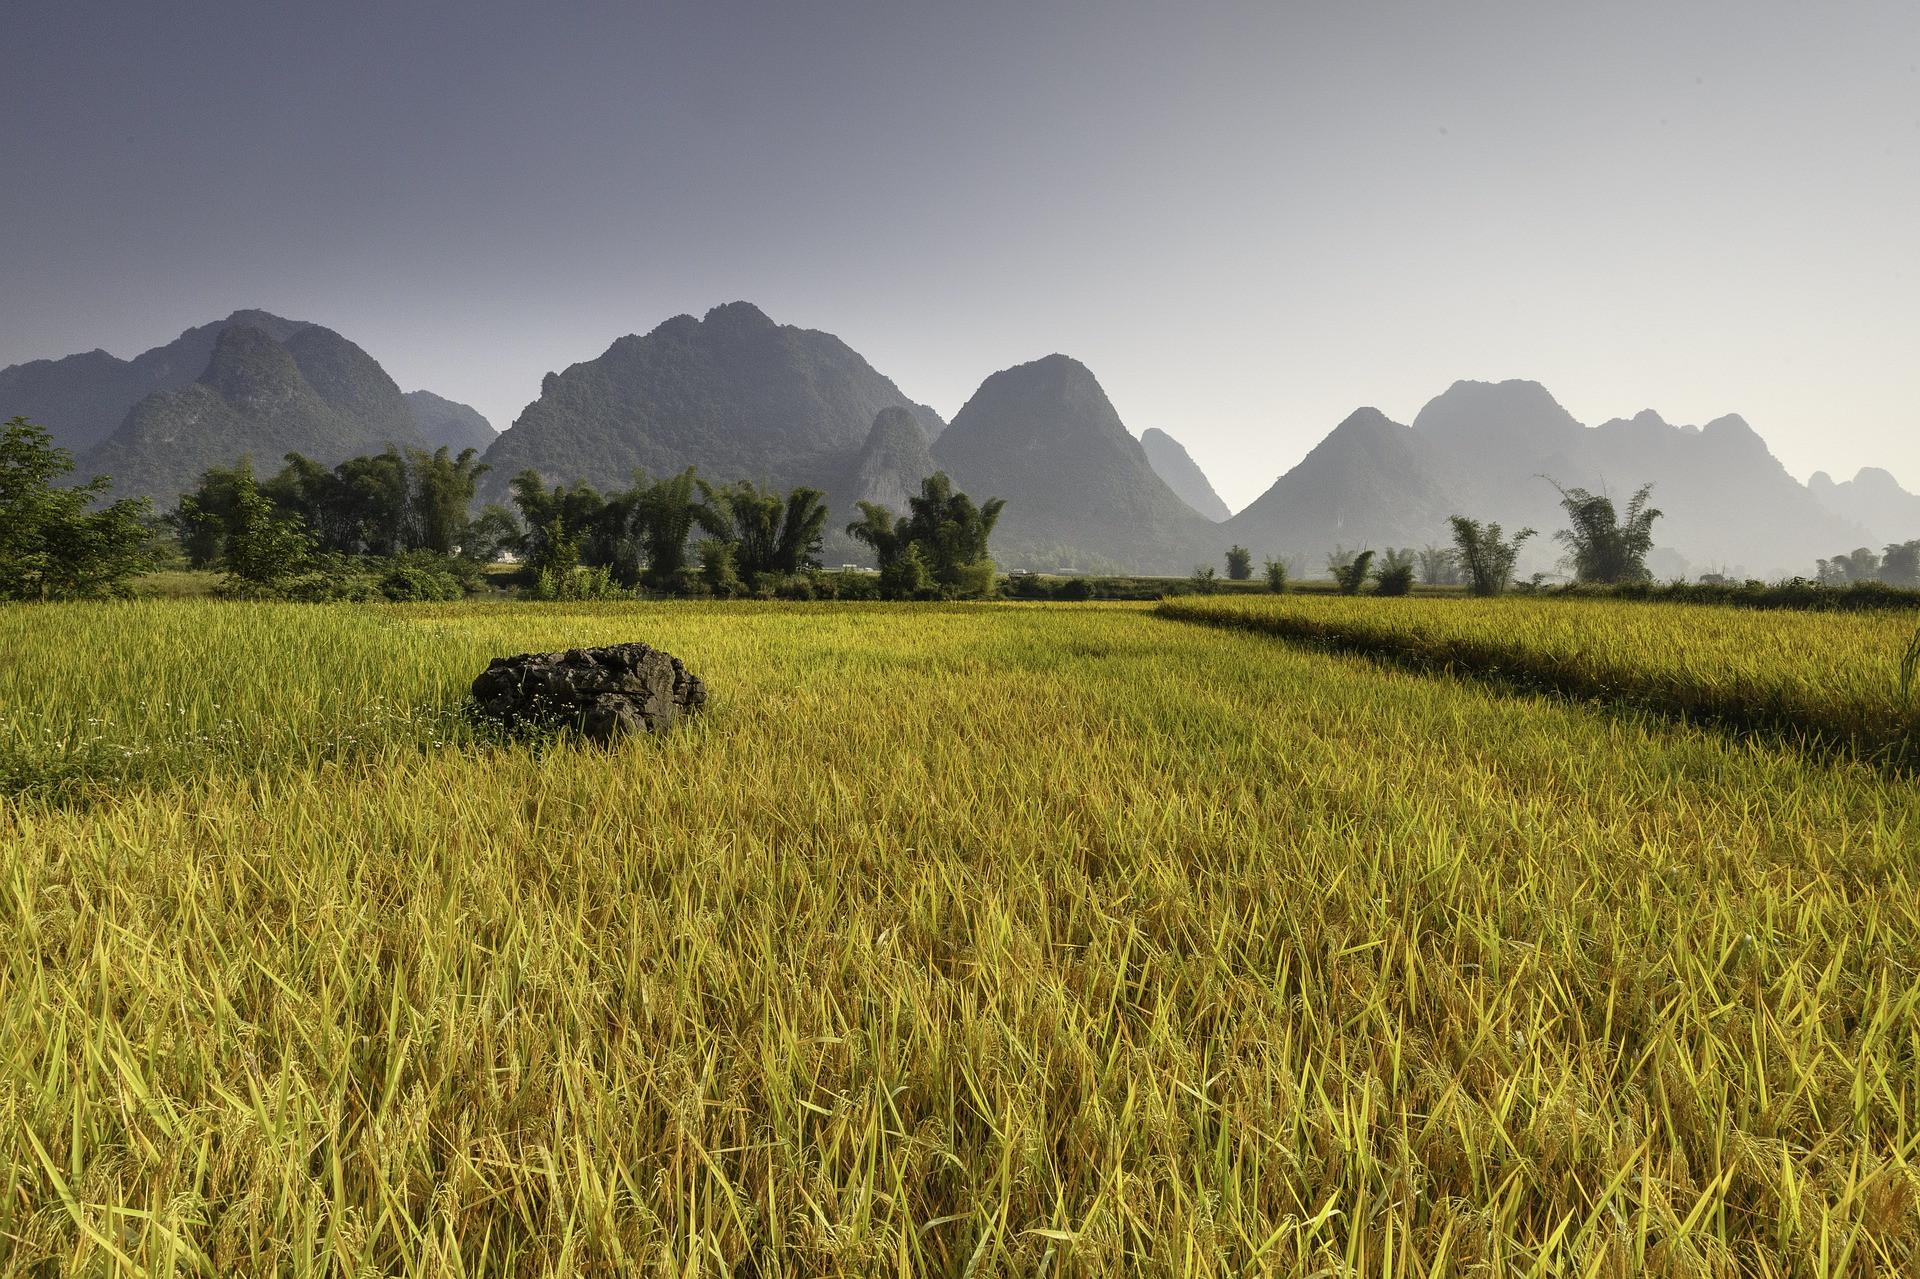 cao-bang-rice-field